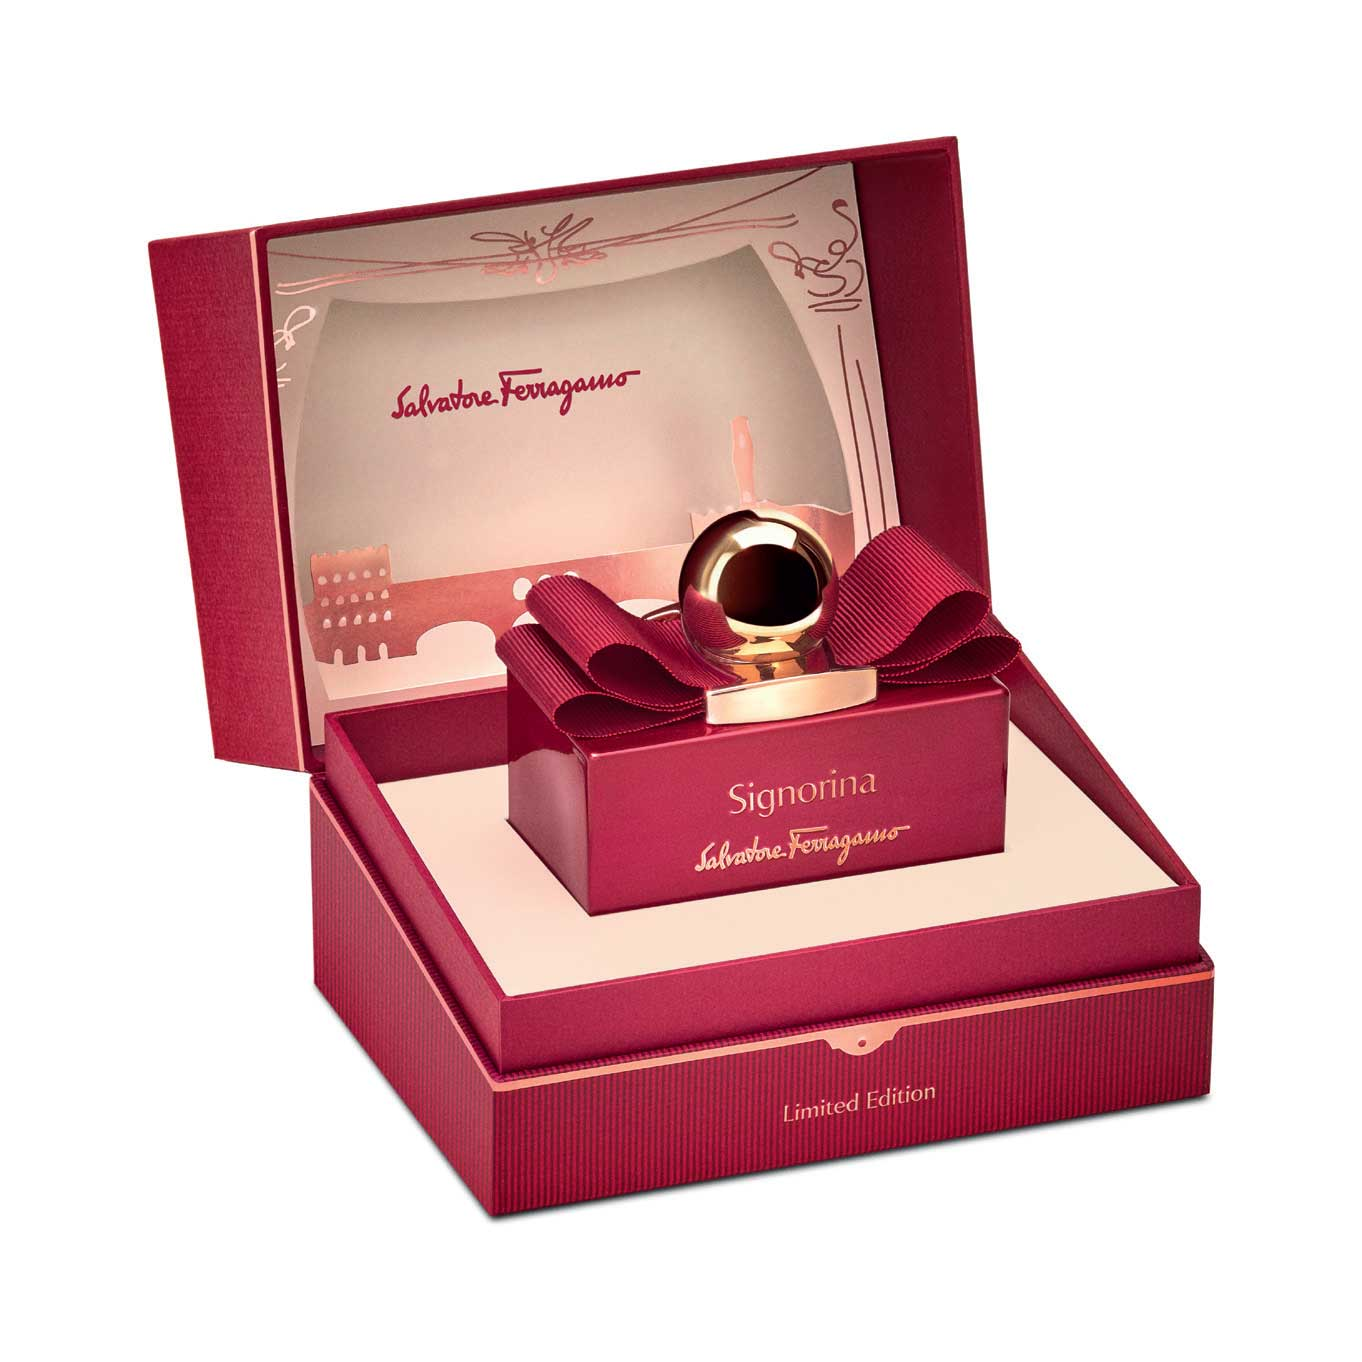 signorina in rosso salvatore ferragamo perfume a new fragrance for women 2016. Black Bedroom Furniture Sets. Home Design Ideas